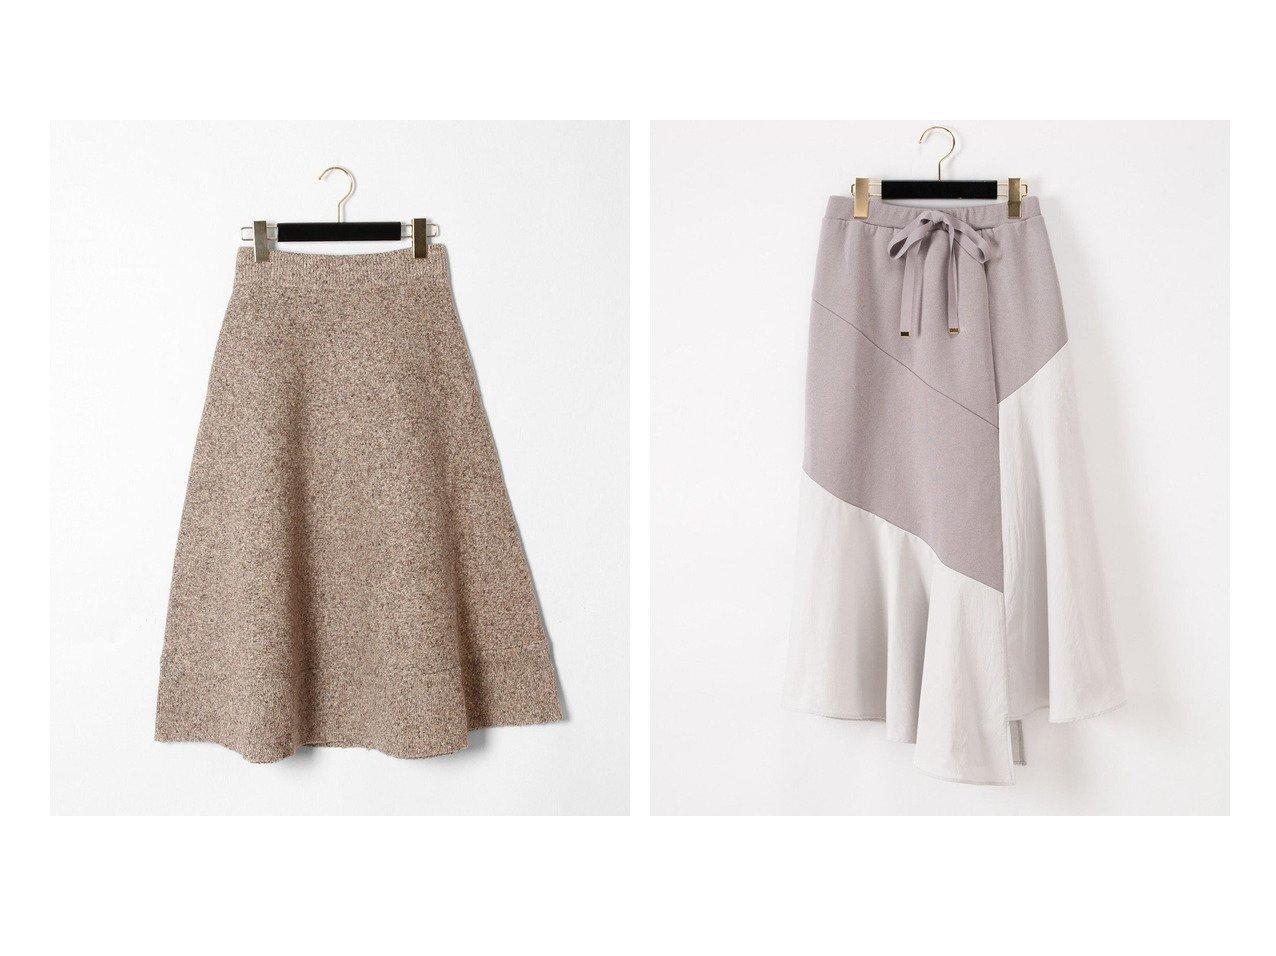 【GRACE CONTINENTAL/グレース コンチネンタル】のツイーディーニットスカート&裏毛コンビスカート 【スカート】おすすめ!人気、トレンド・レディースファッションの通販   おすすめで人気の流行・トレンド、ファッションの通販商品 インテリア・家具・メンズファッション・キッズファッション・レディースファッション・服の通販 founy(ファニー) https://founy.com/ ファッション Fashion レディースファッション WOMEN スカート Skirt 送料無料 Free Shipping シンプル スニーカー ツイード フレア イレギュラーヘム コンビ セットアップ タフタ プリント |ID:crp329100000057119